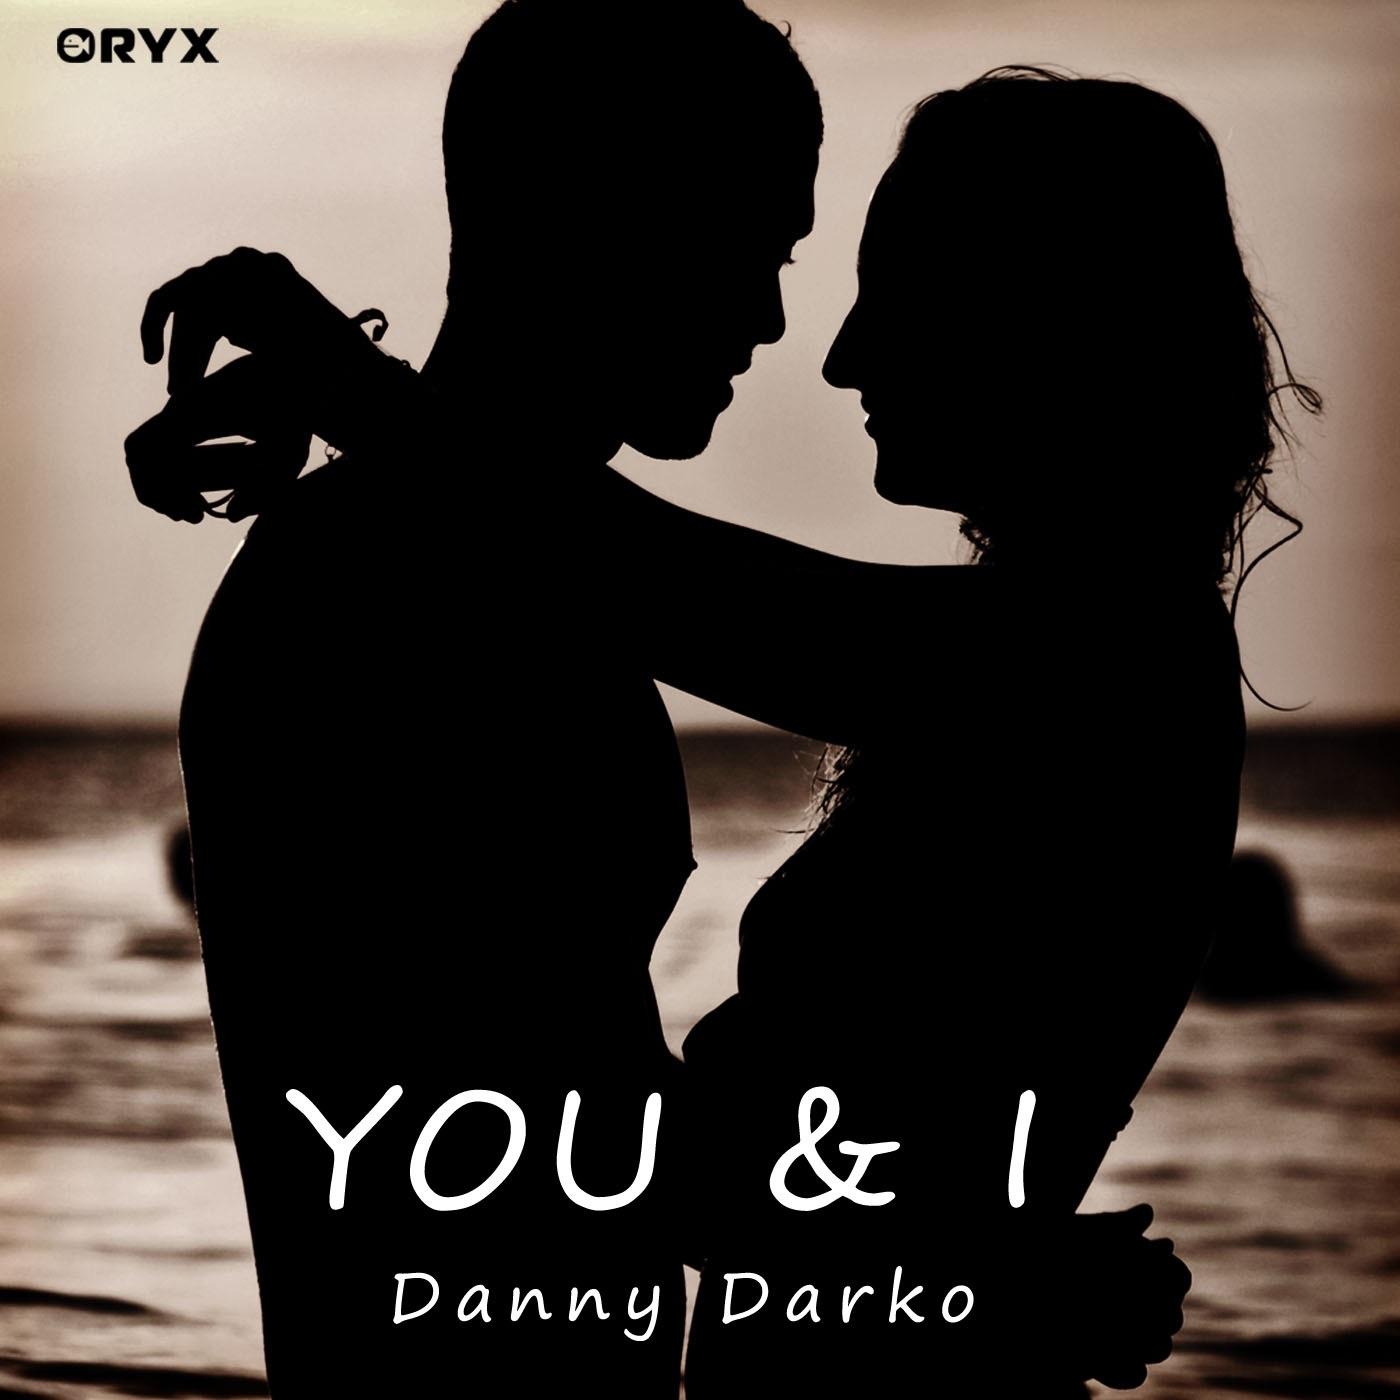 You & I - Single